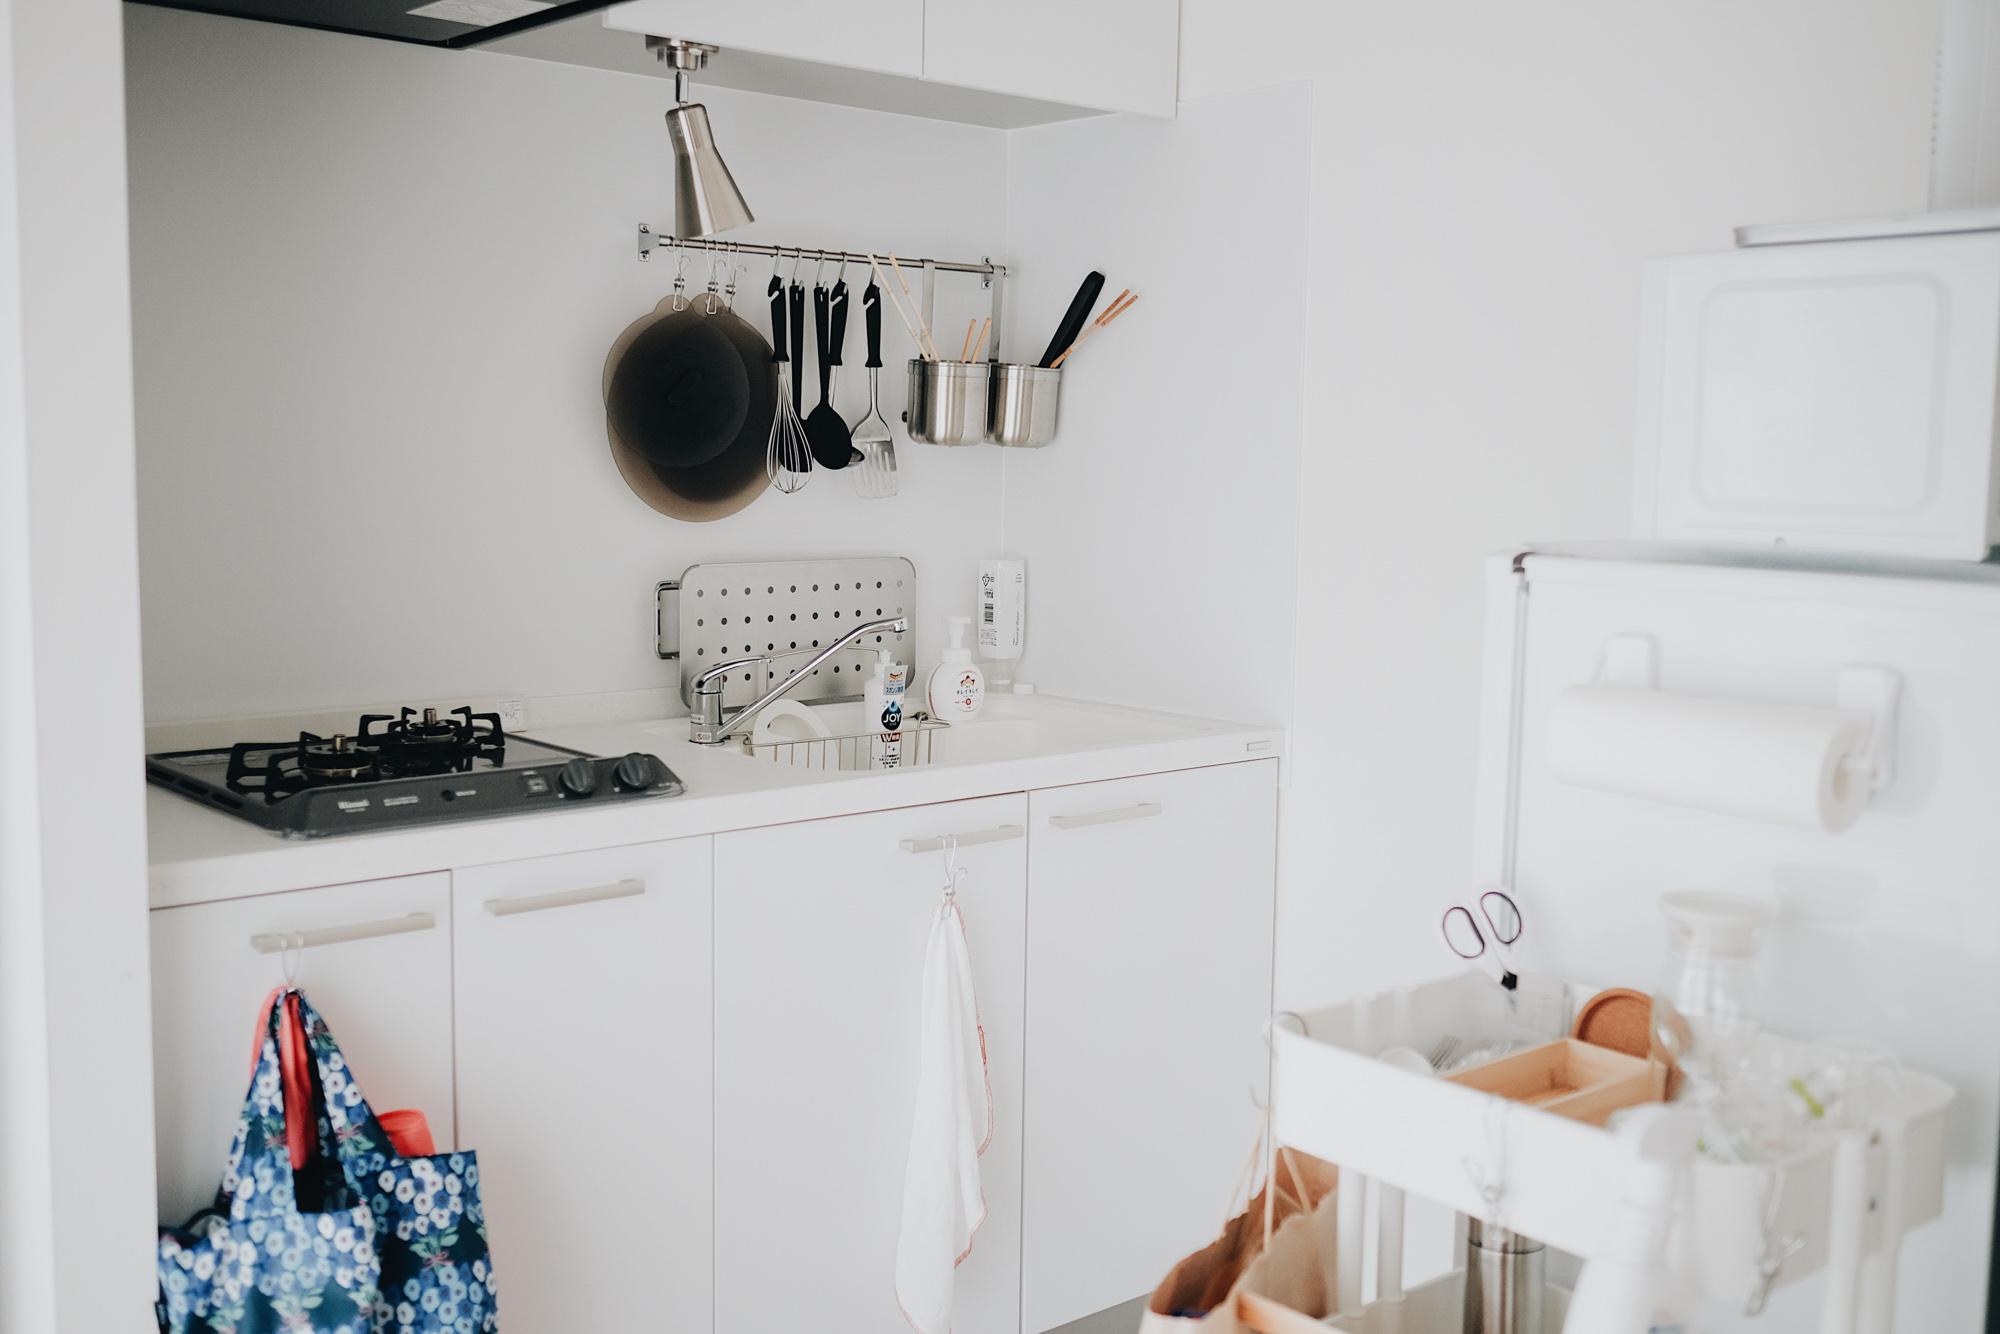 真っ白のデザインキッチンは、壁につけられたツールバーが便利だったそう。